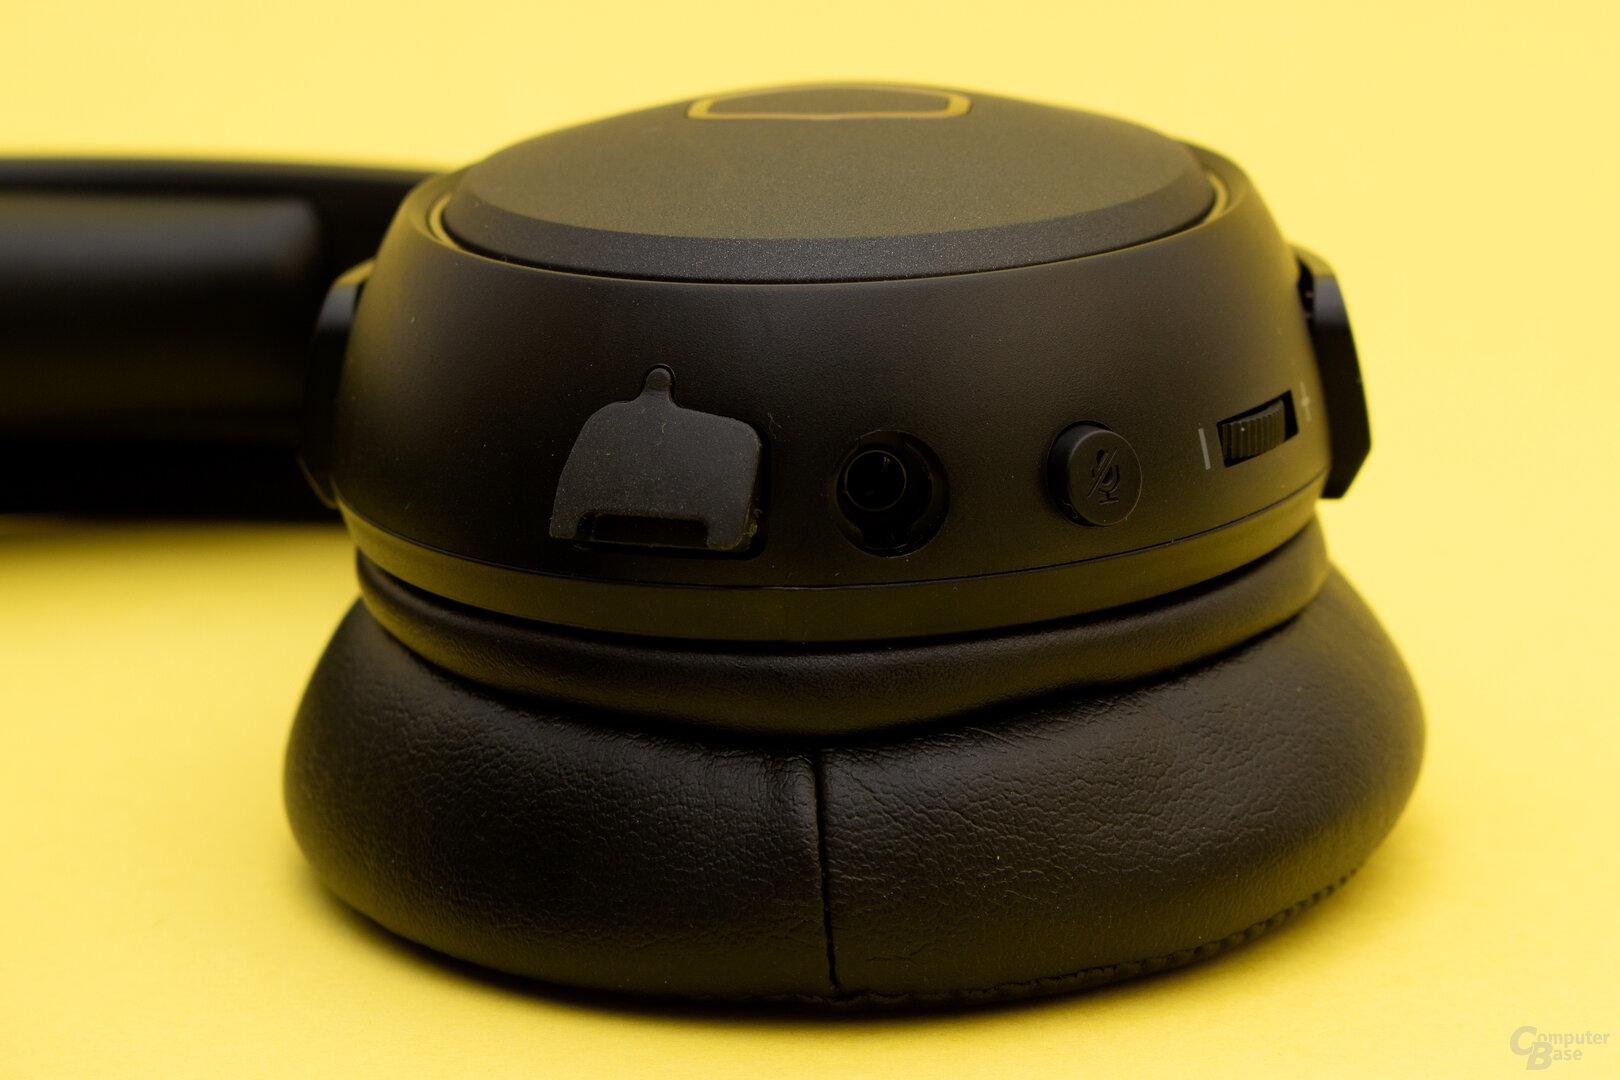 Der Anschluss des Mikrofons wird durch eine Gummiabdeckung geschützt